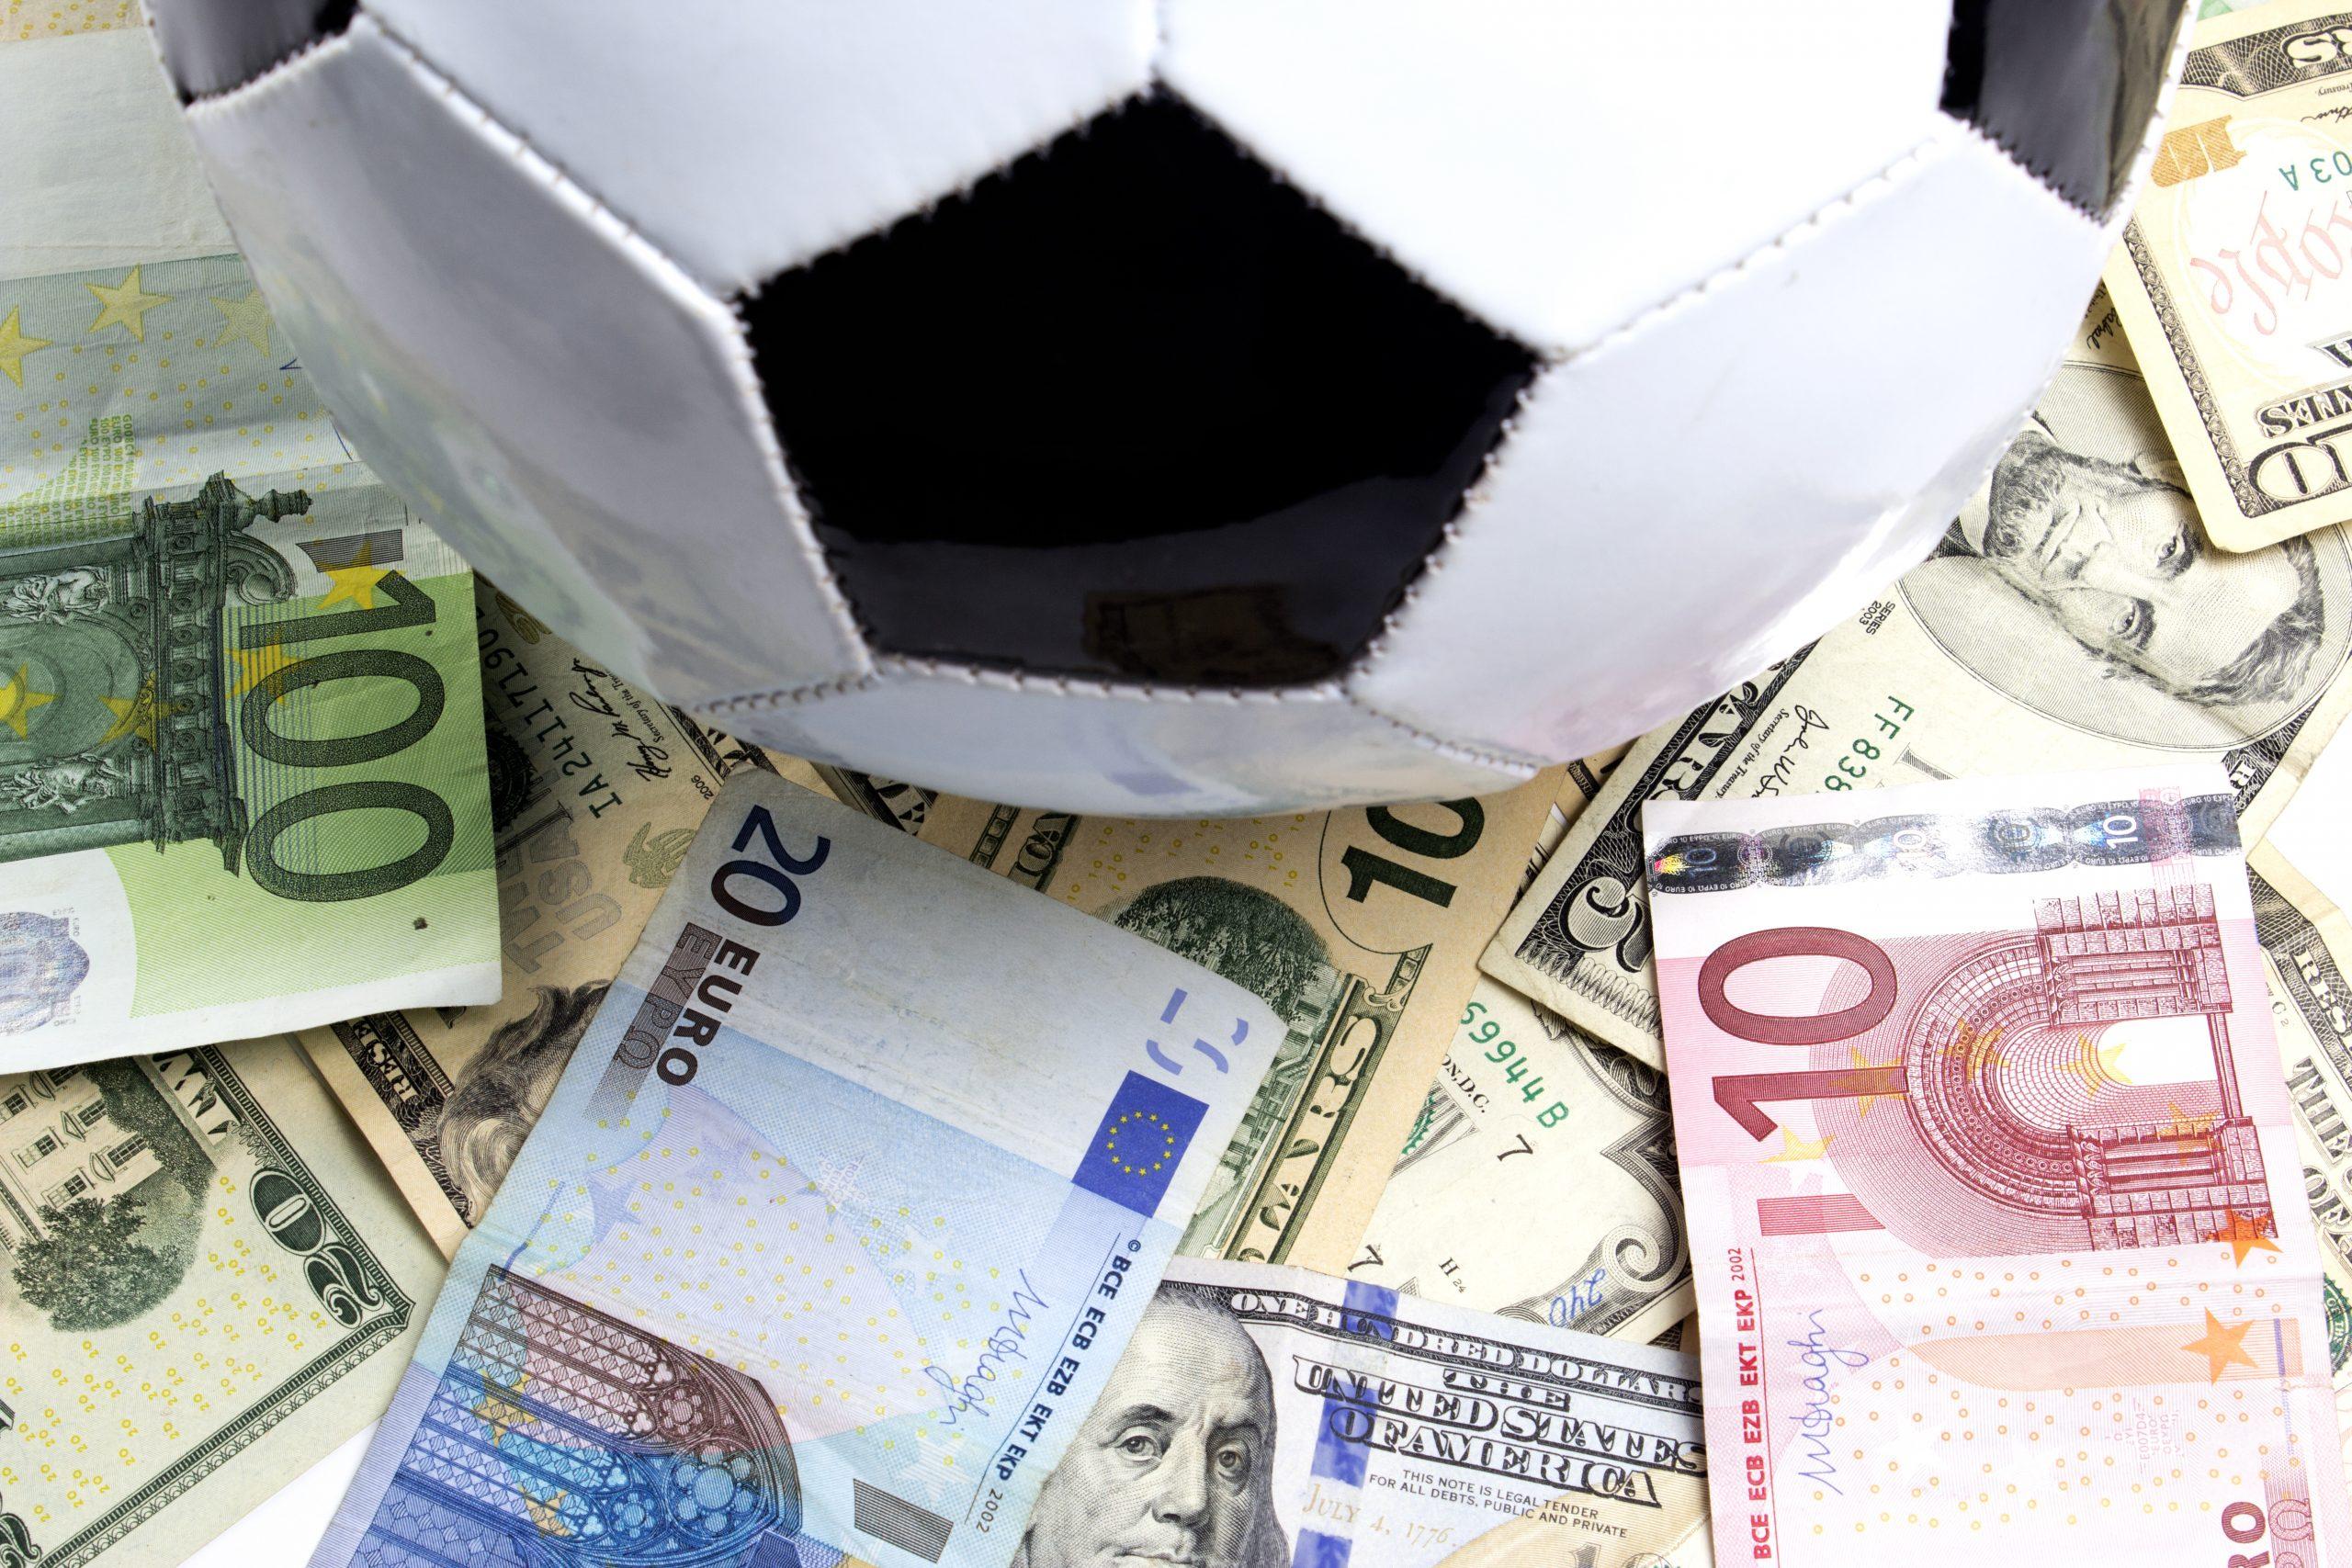 Bahis Sitelerine ATM'den Para Yatırma